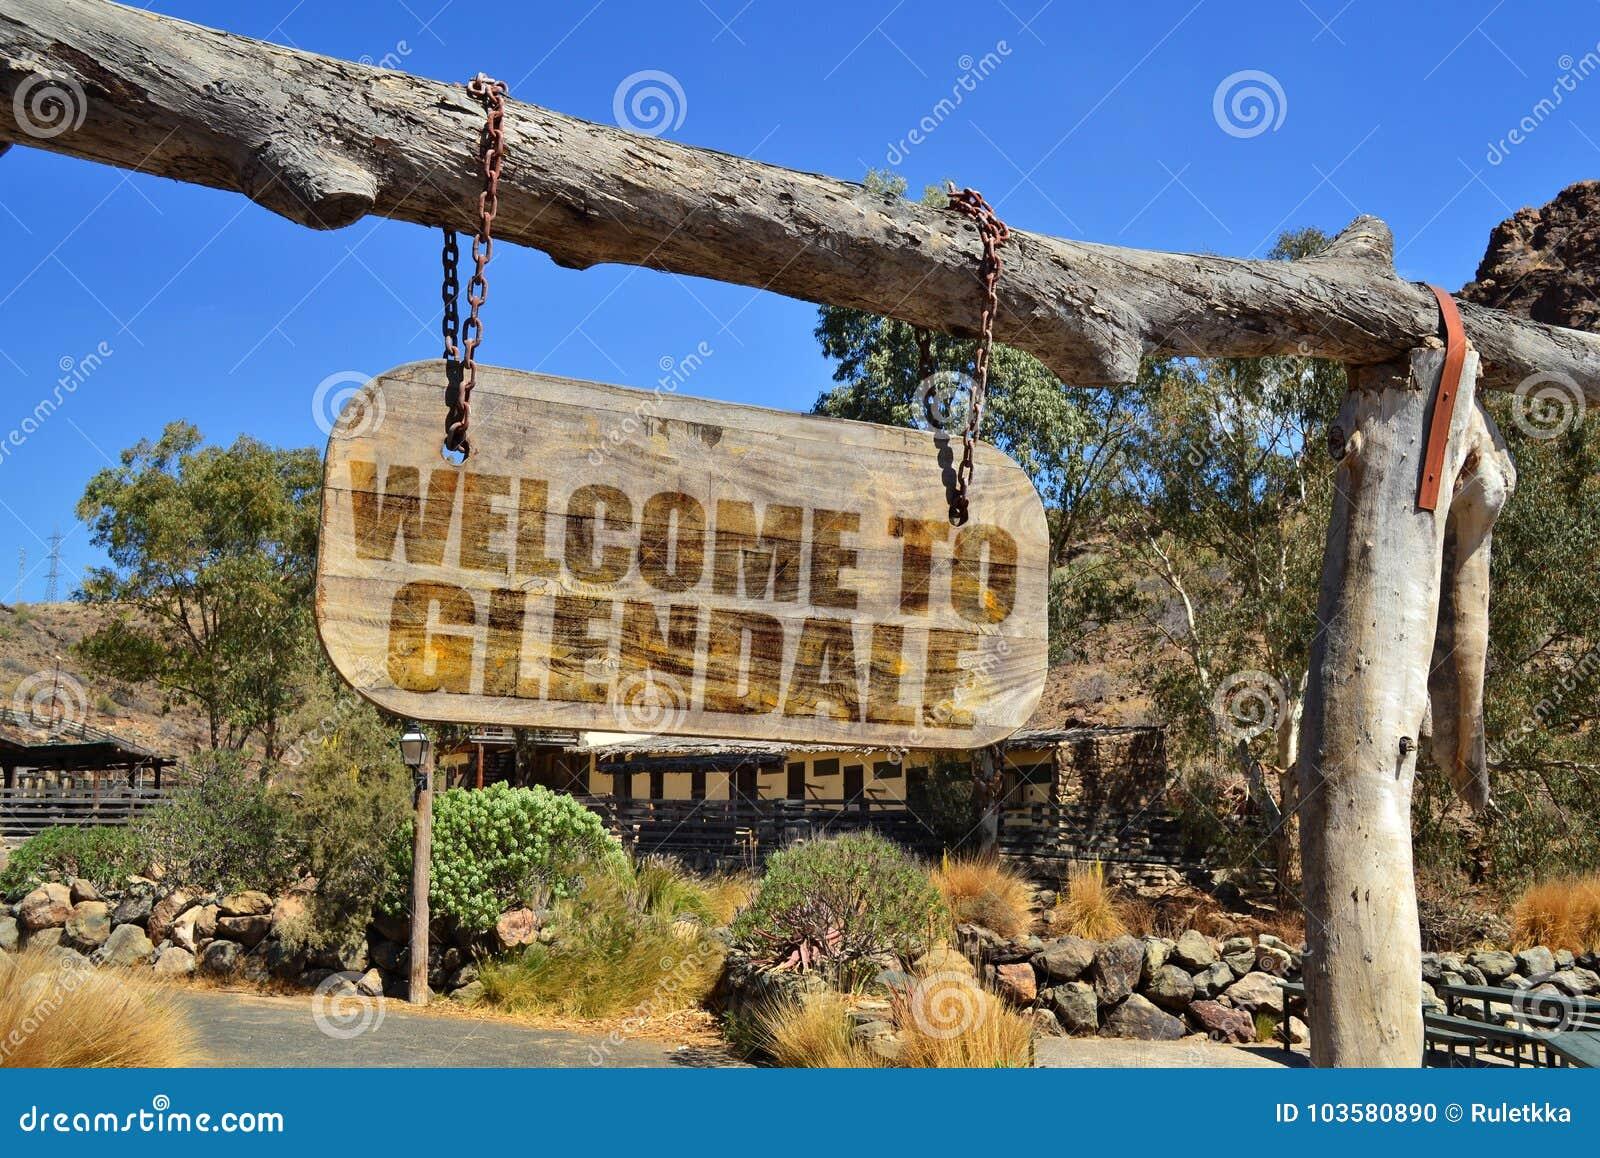 Vieille enseigne en bois avec l accueil des textes vers Glendale accrocher sur une branche